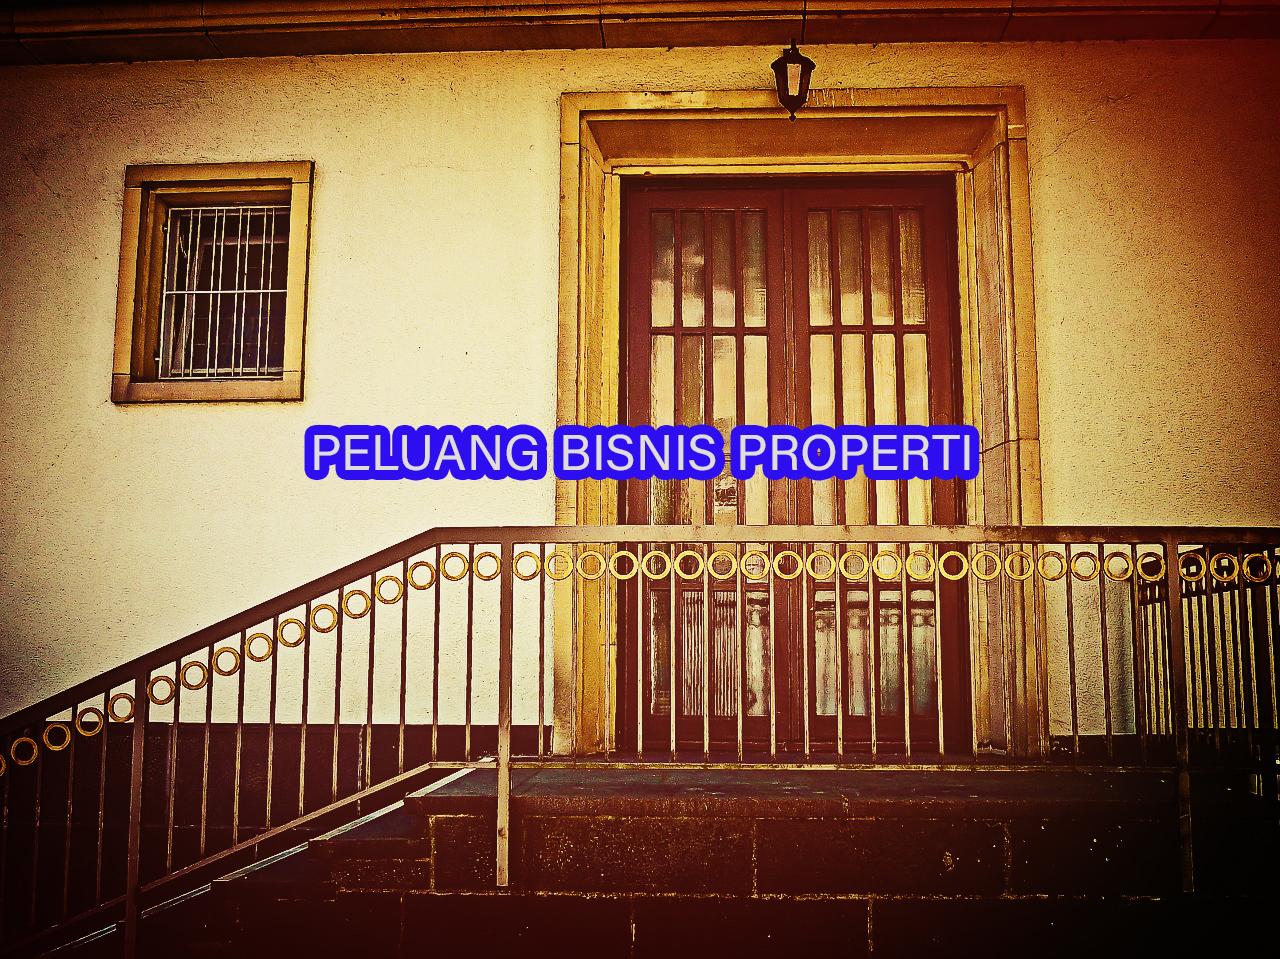 peluang bisnis properti » Peluang Menjanjikan Usaha Properti, Bisnis yang Tidak Pernah Rugi